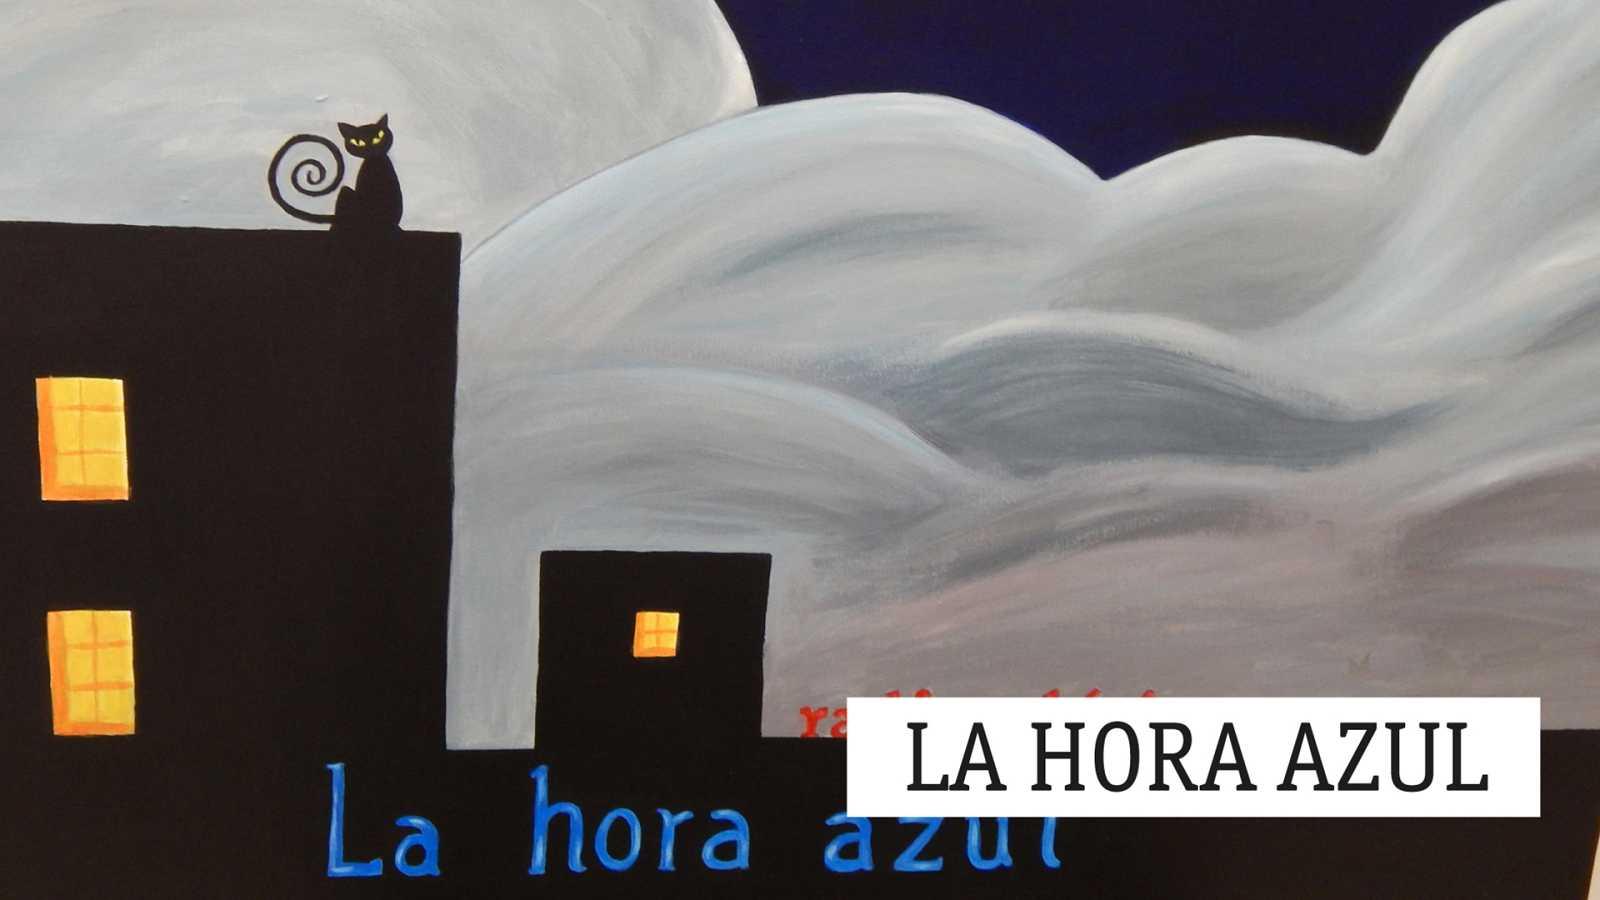 La hora azul - Erasmo de Rotterdam - 25/12/20 - escuchar ahora